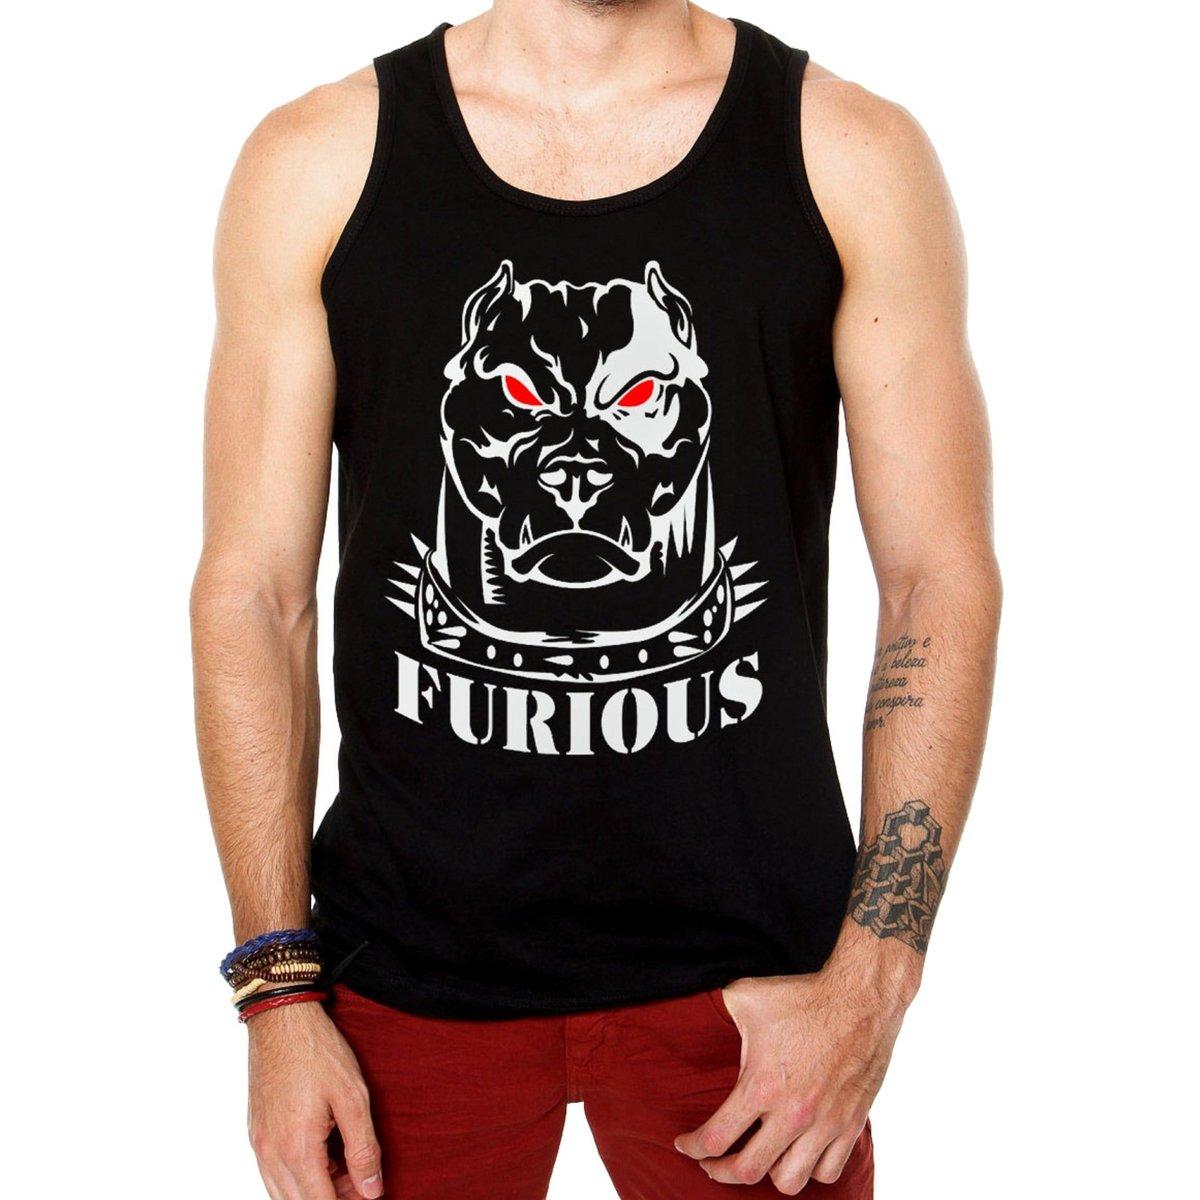 690e72a721ee6 Camiseta Regata Criativa Urbana Fitness Musculação Academia Furious - Preto  - Compre Agora